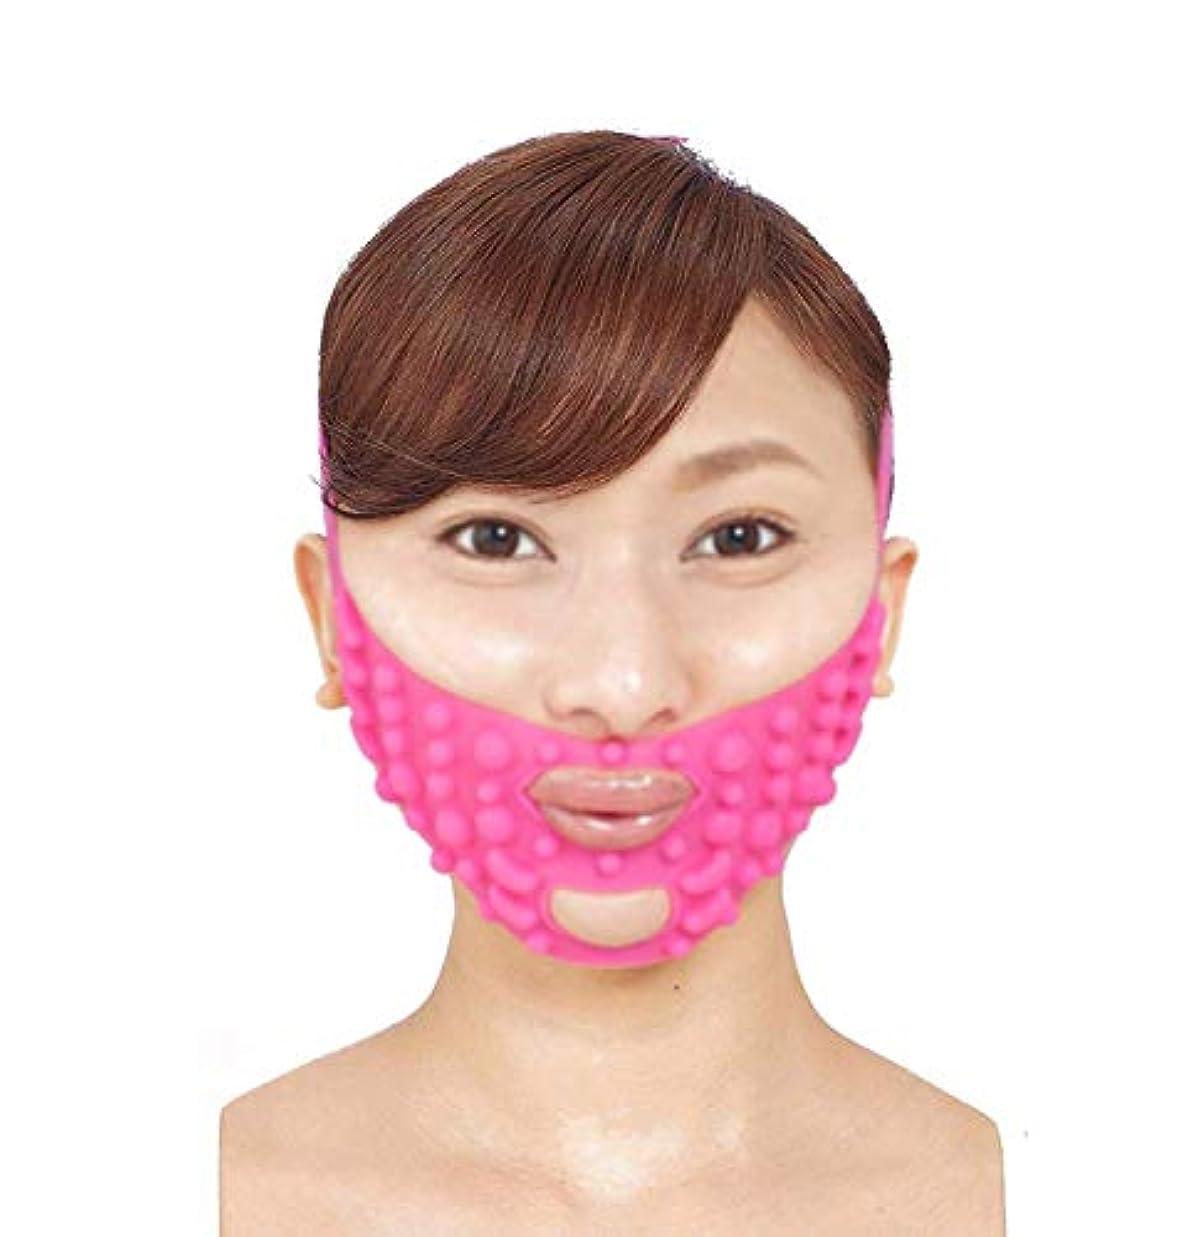 雪新しい意味酸化物フェイシャルマスク、リフティングアーティファクトフェイスマスク垂れ下がった小さなVフェイスバンデージ付きの顔